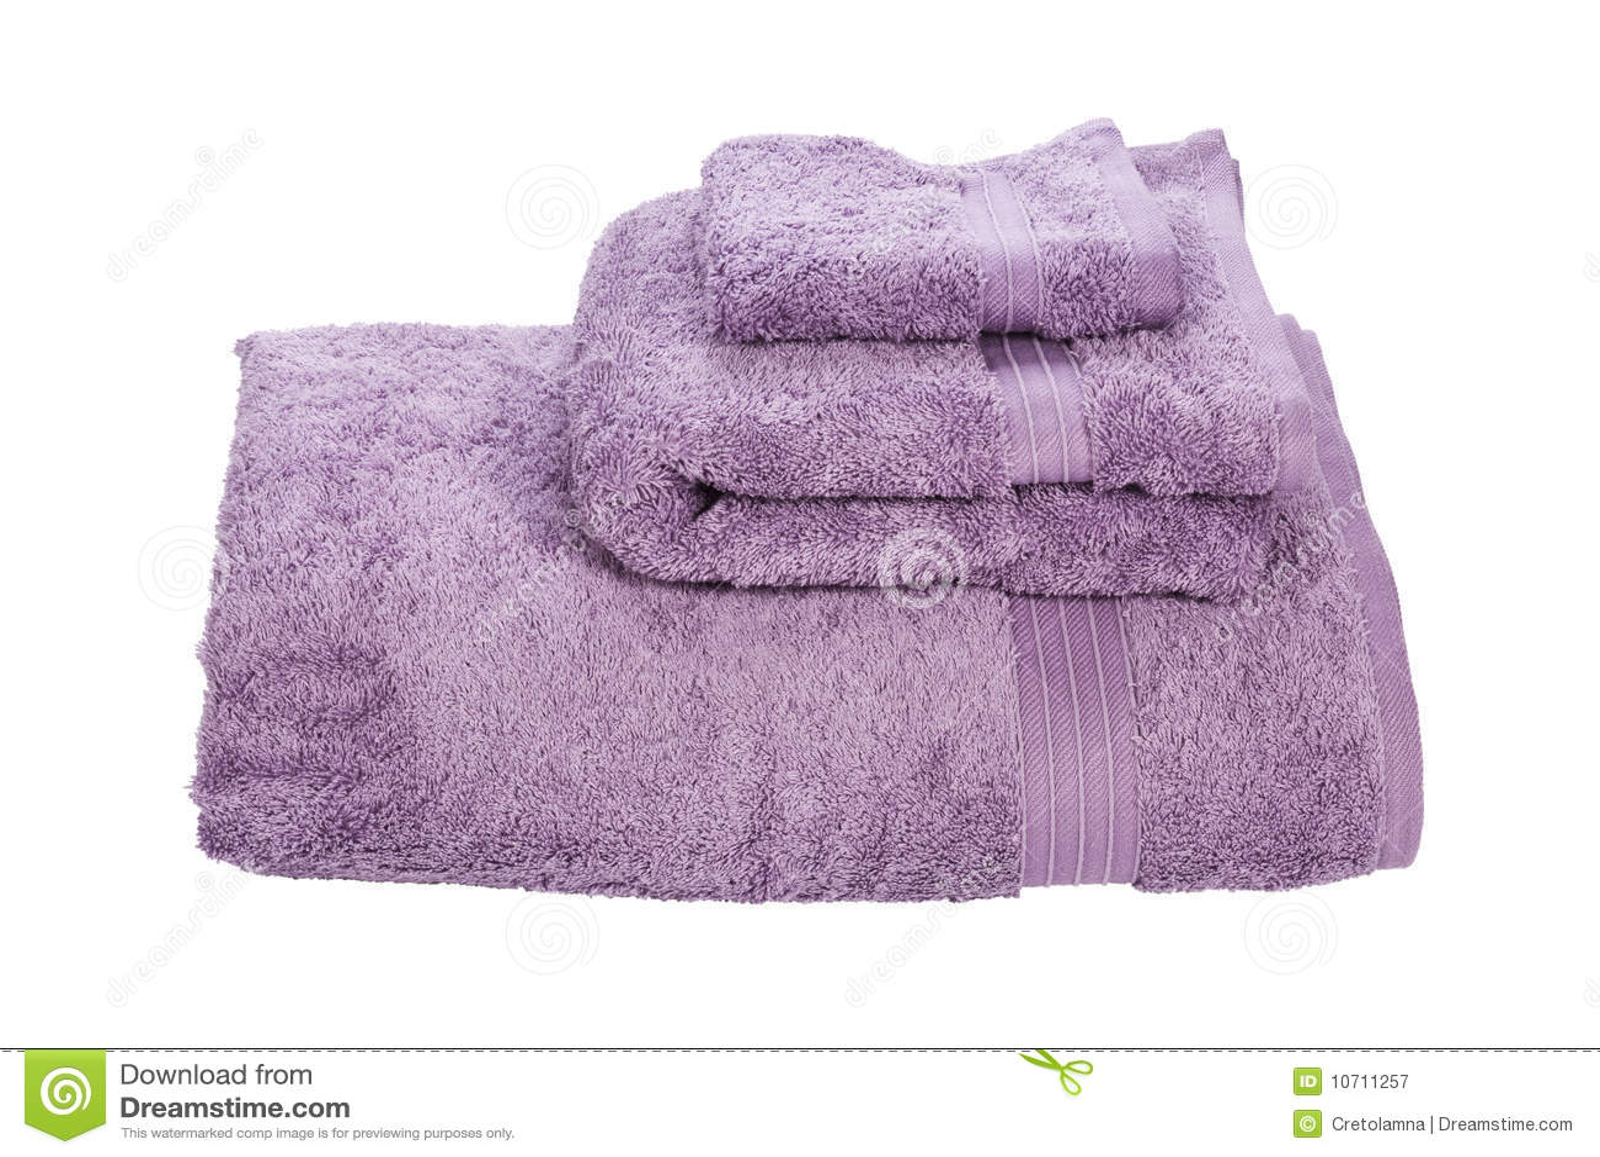 Stapel handdoeken.